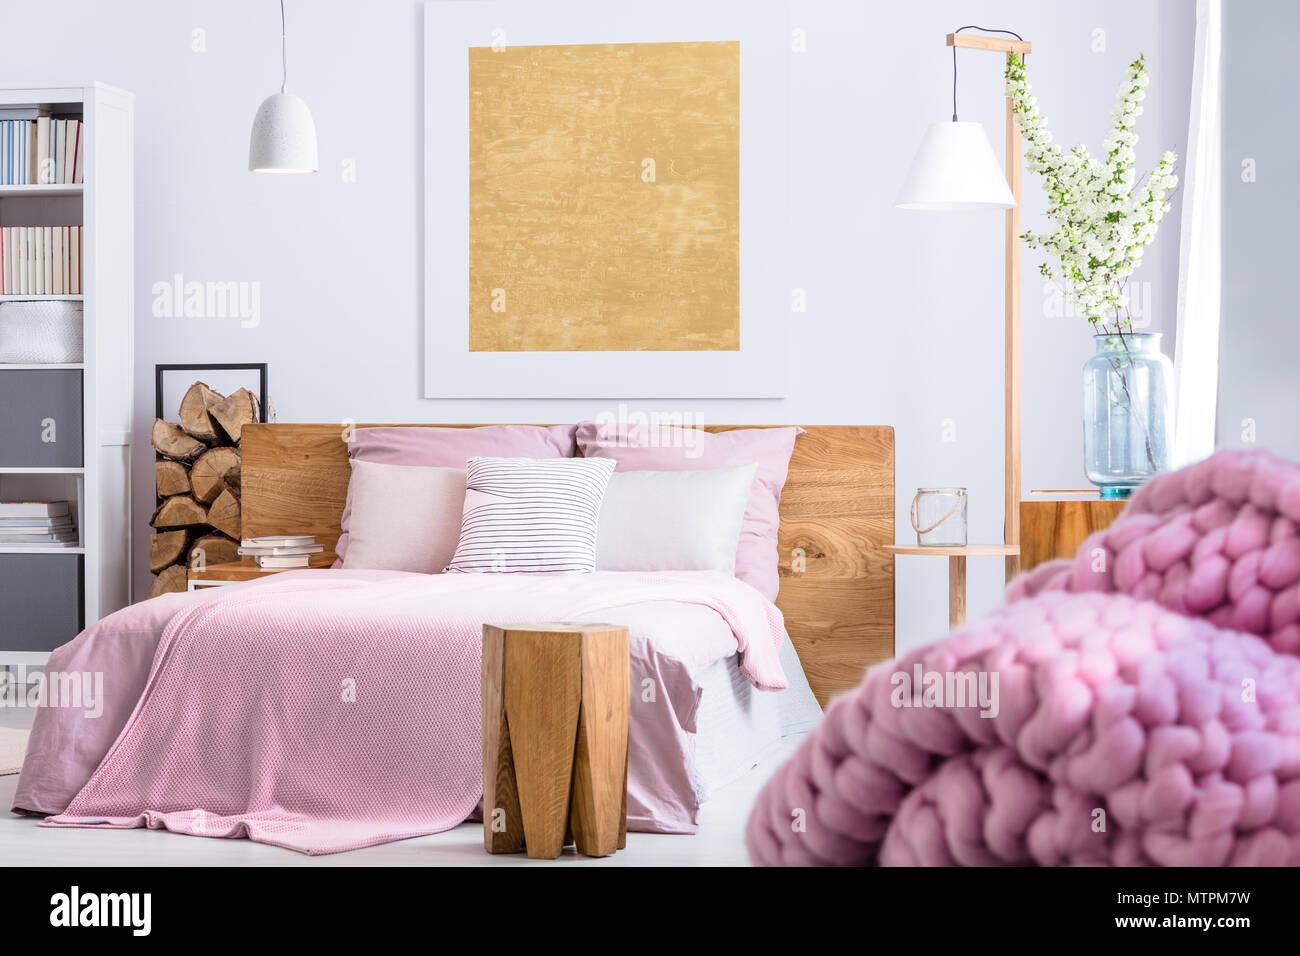 Gemütliches Schlafzimmer in Holz- und rosa Stil mit großen Bett ...